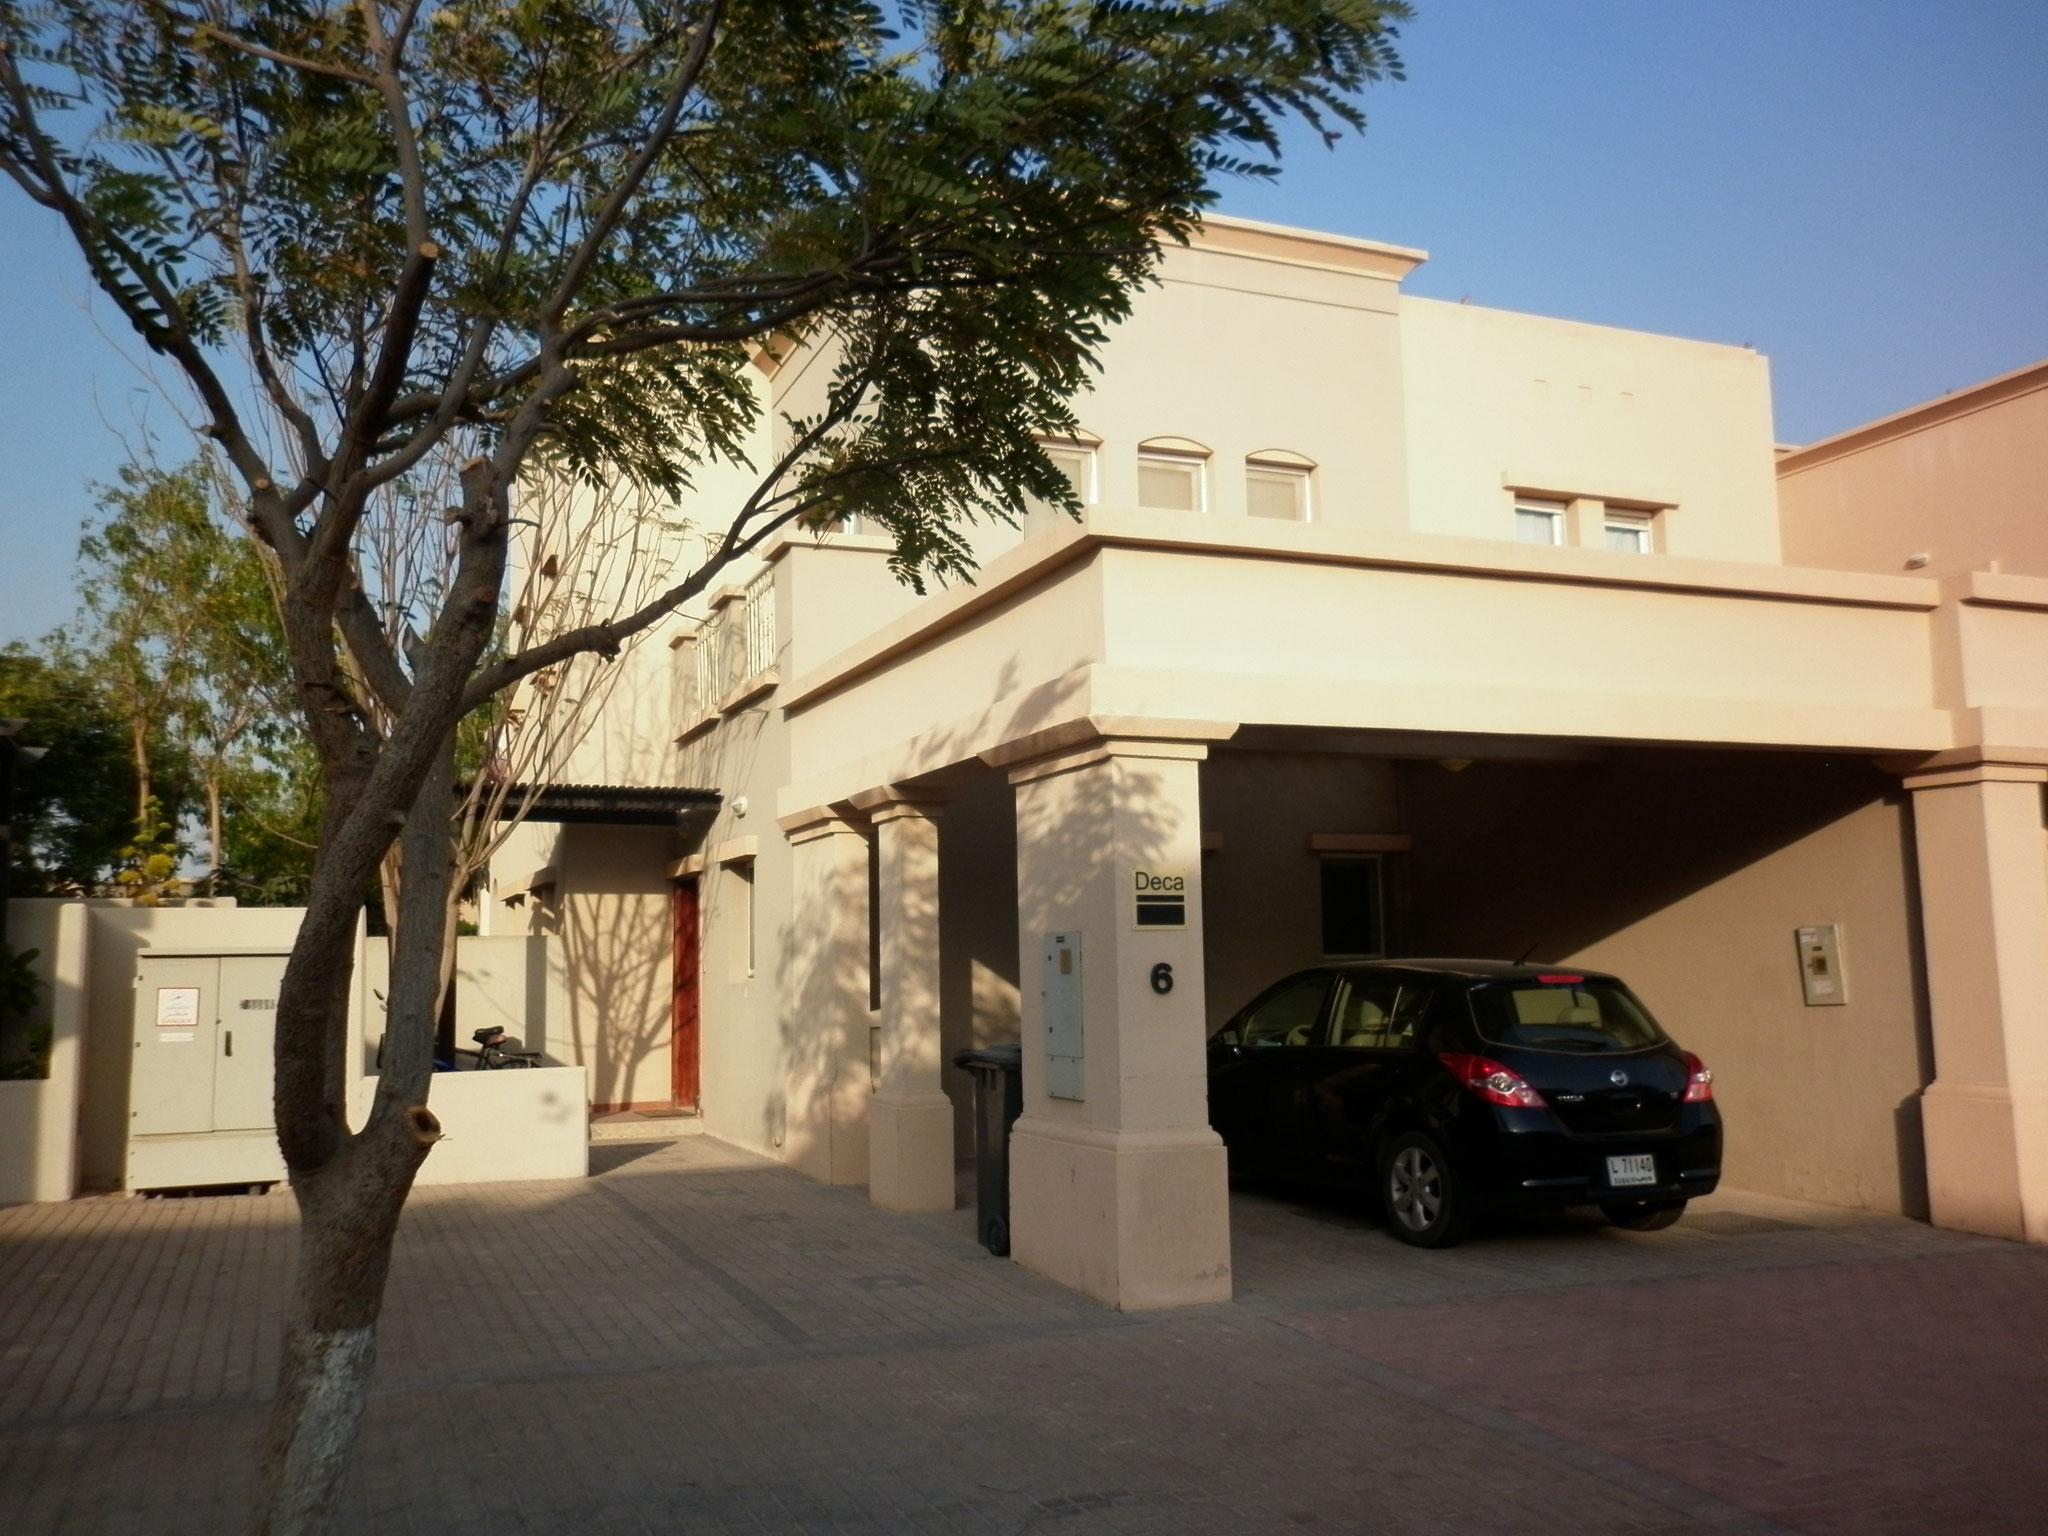 Springs UAE